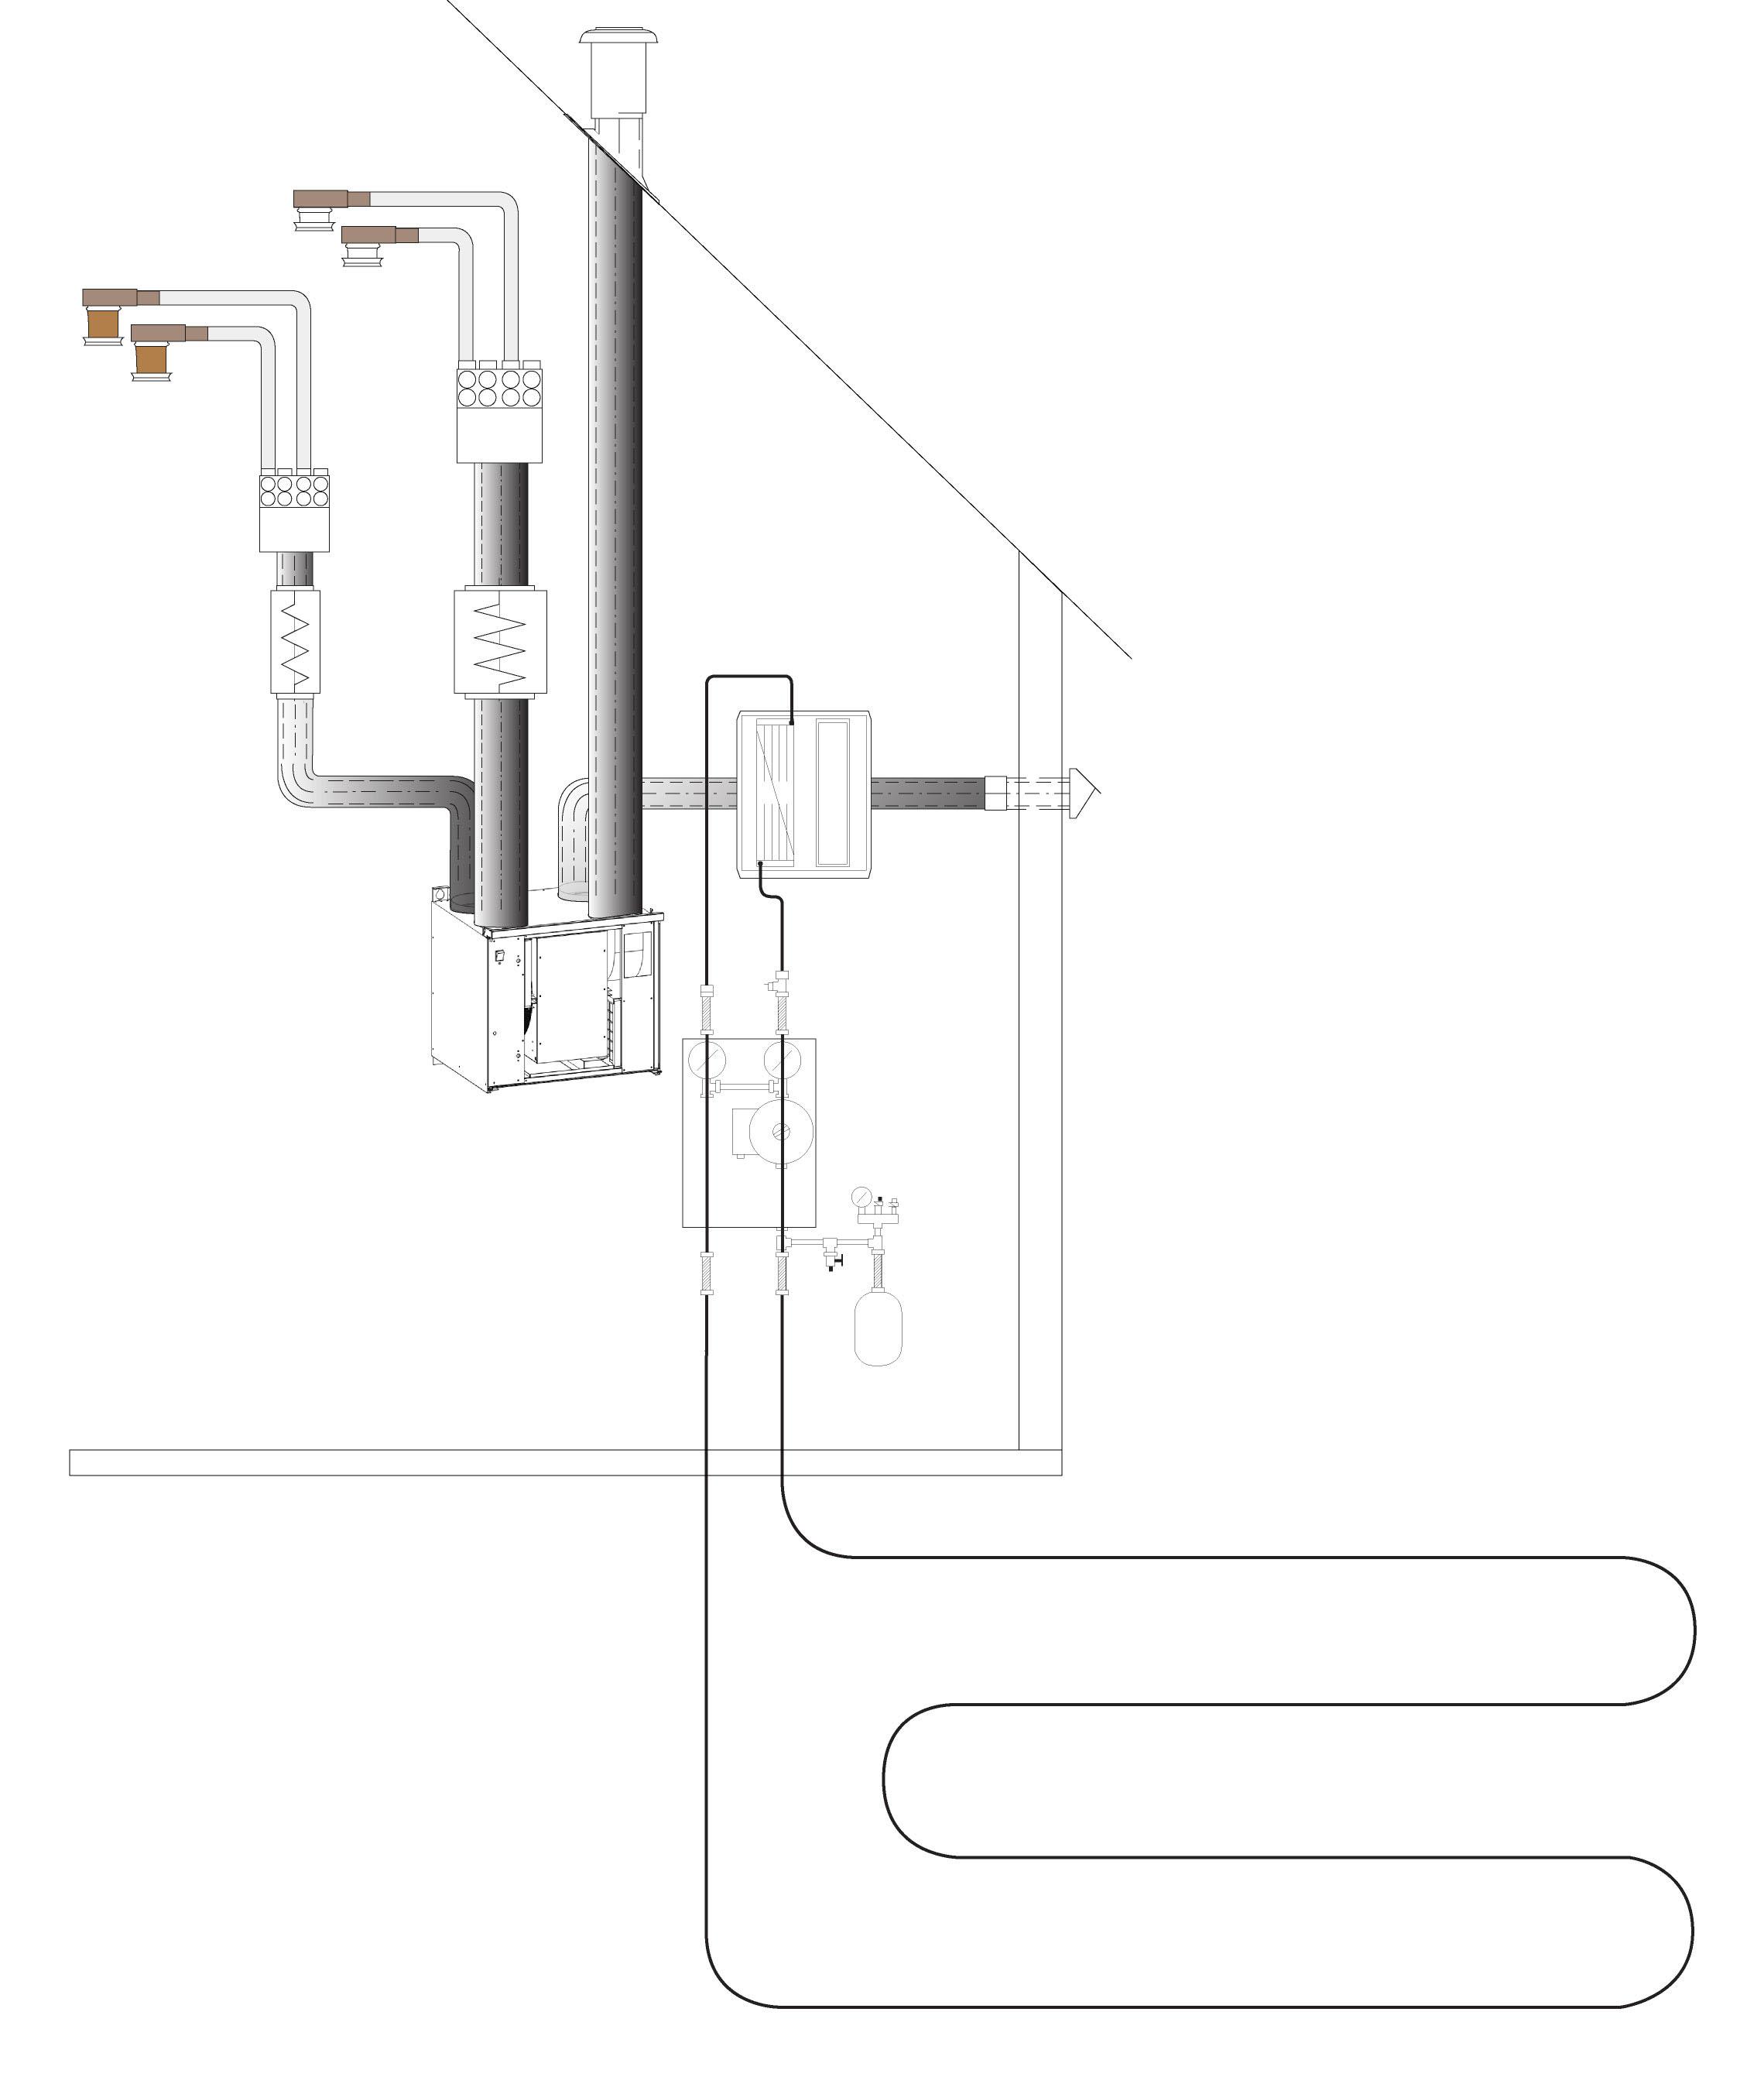 schema de principe geotherm 500